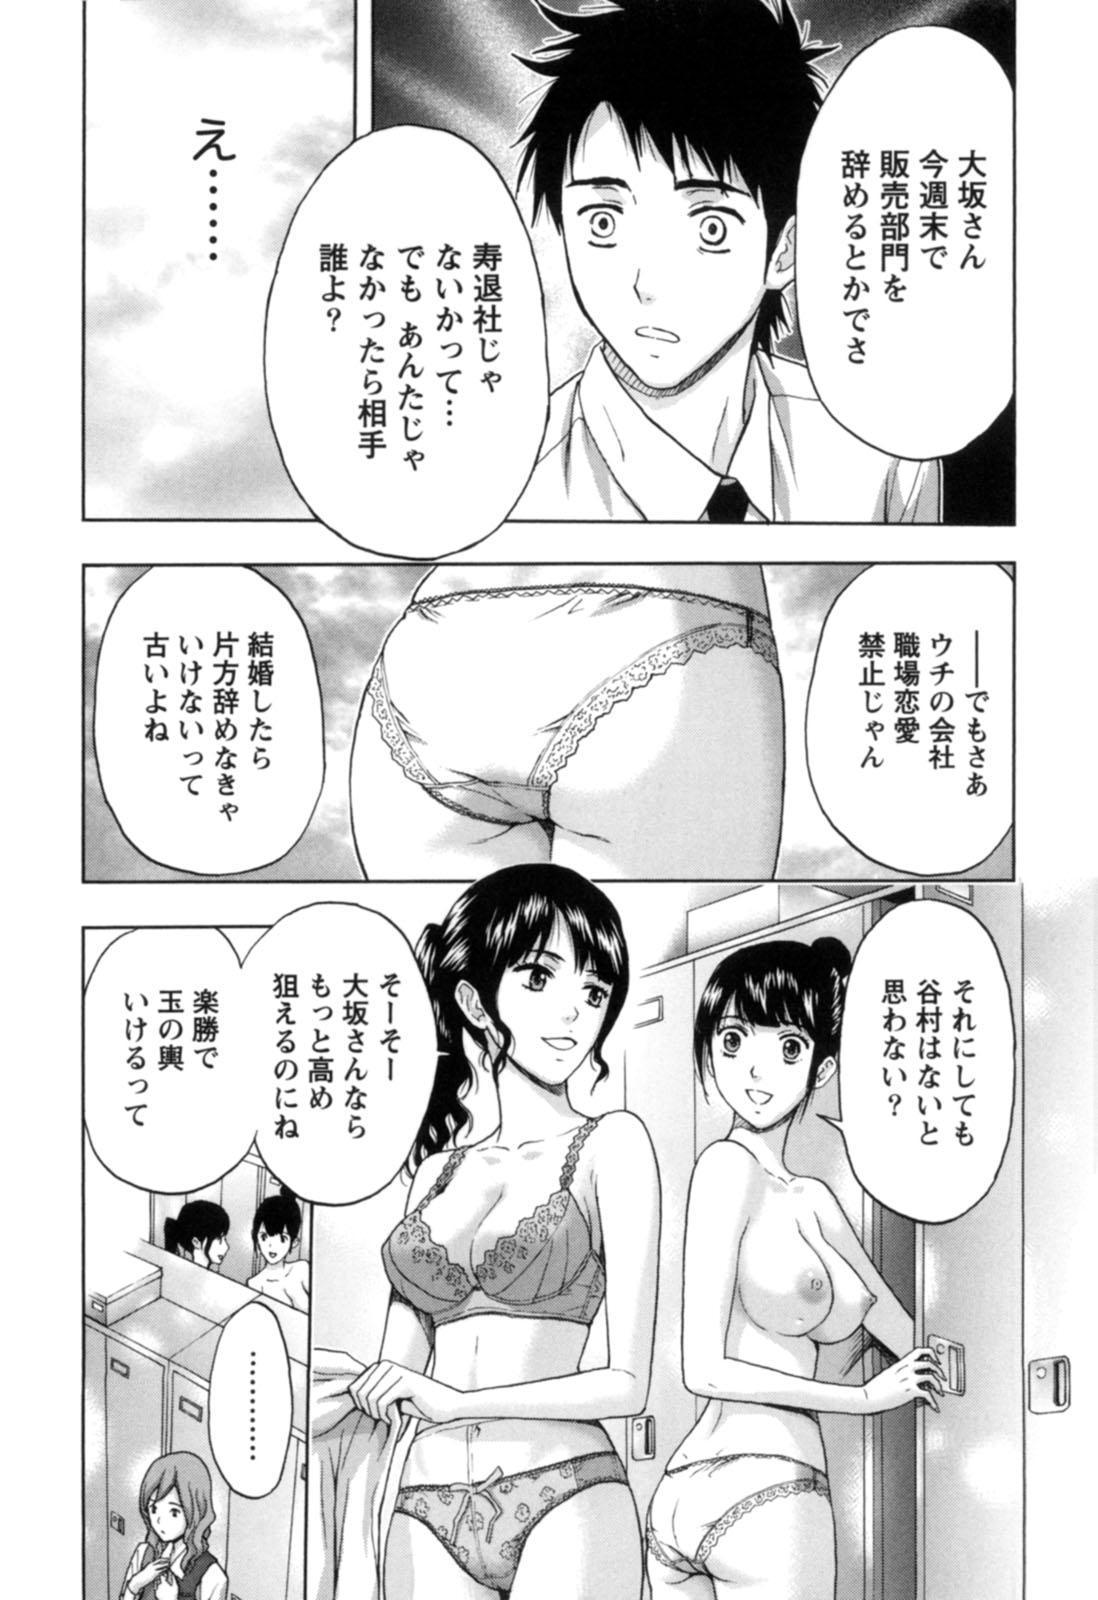 Nukumori Jou no Binkan Lesson 103